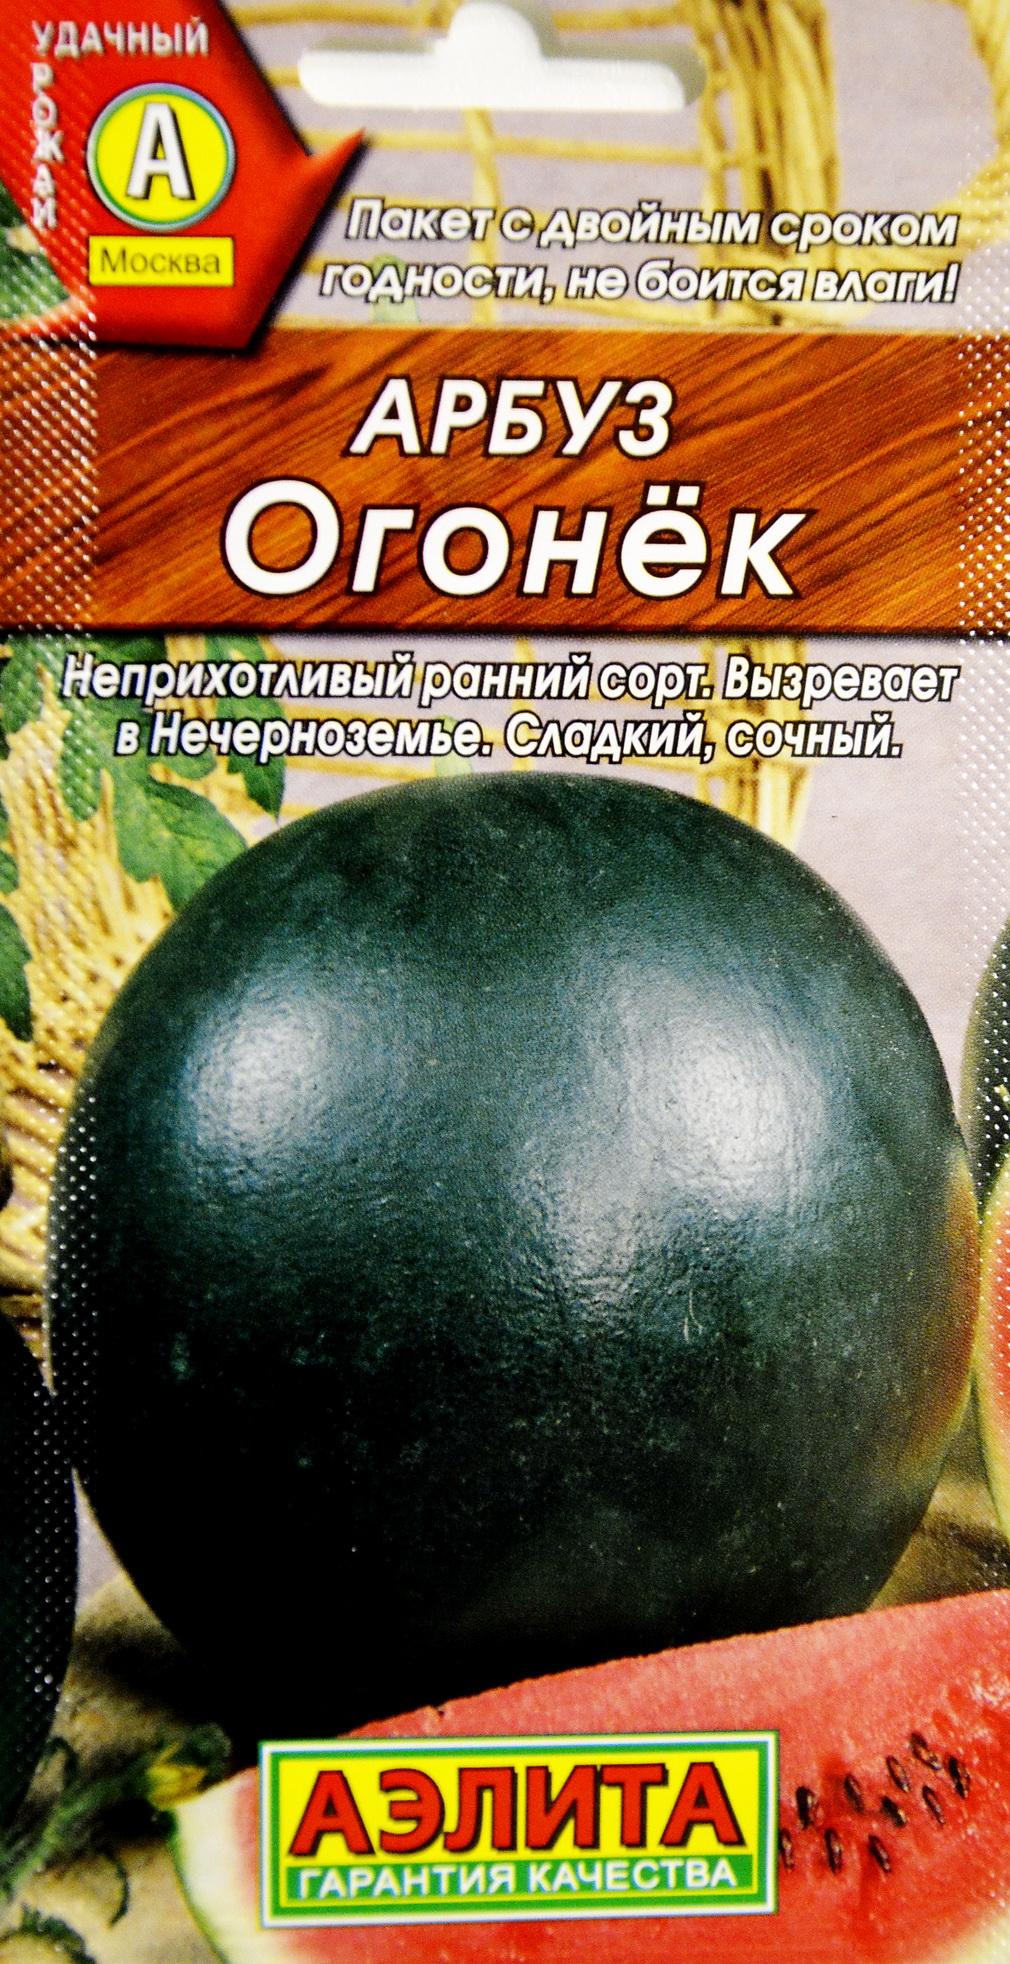 Арбуз огонёк: выращивание, описание сорта, отзывы и фото